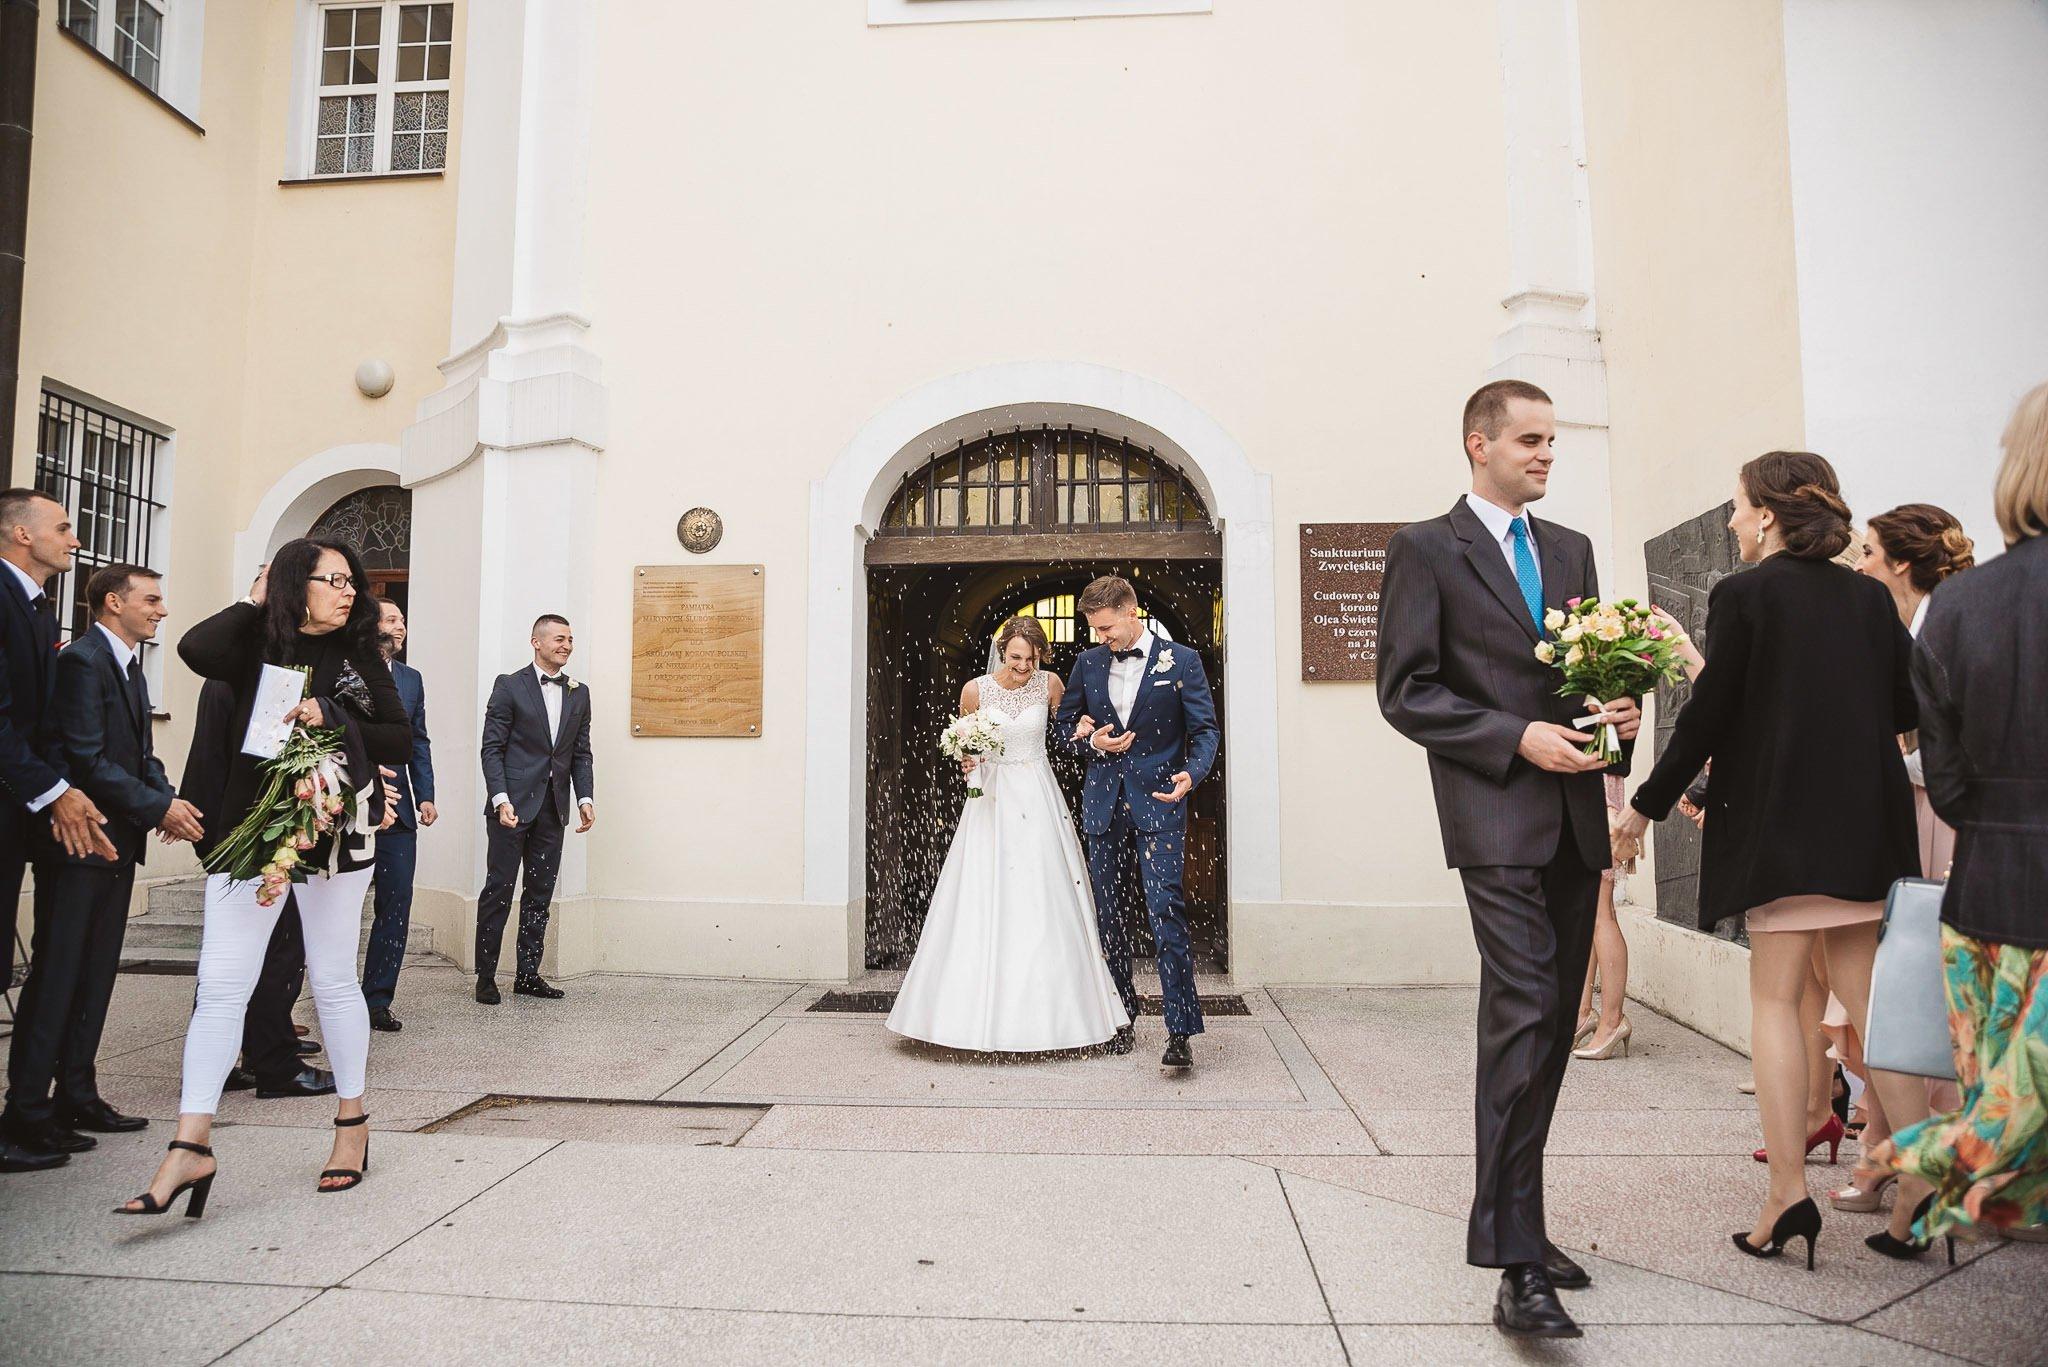 Monika i Michał, wesele w Paryżu i sesja plenerowa w stadninie koni w Czołowie 148